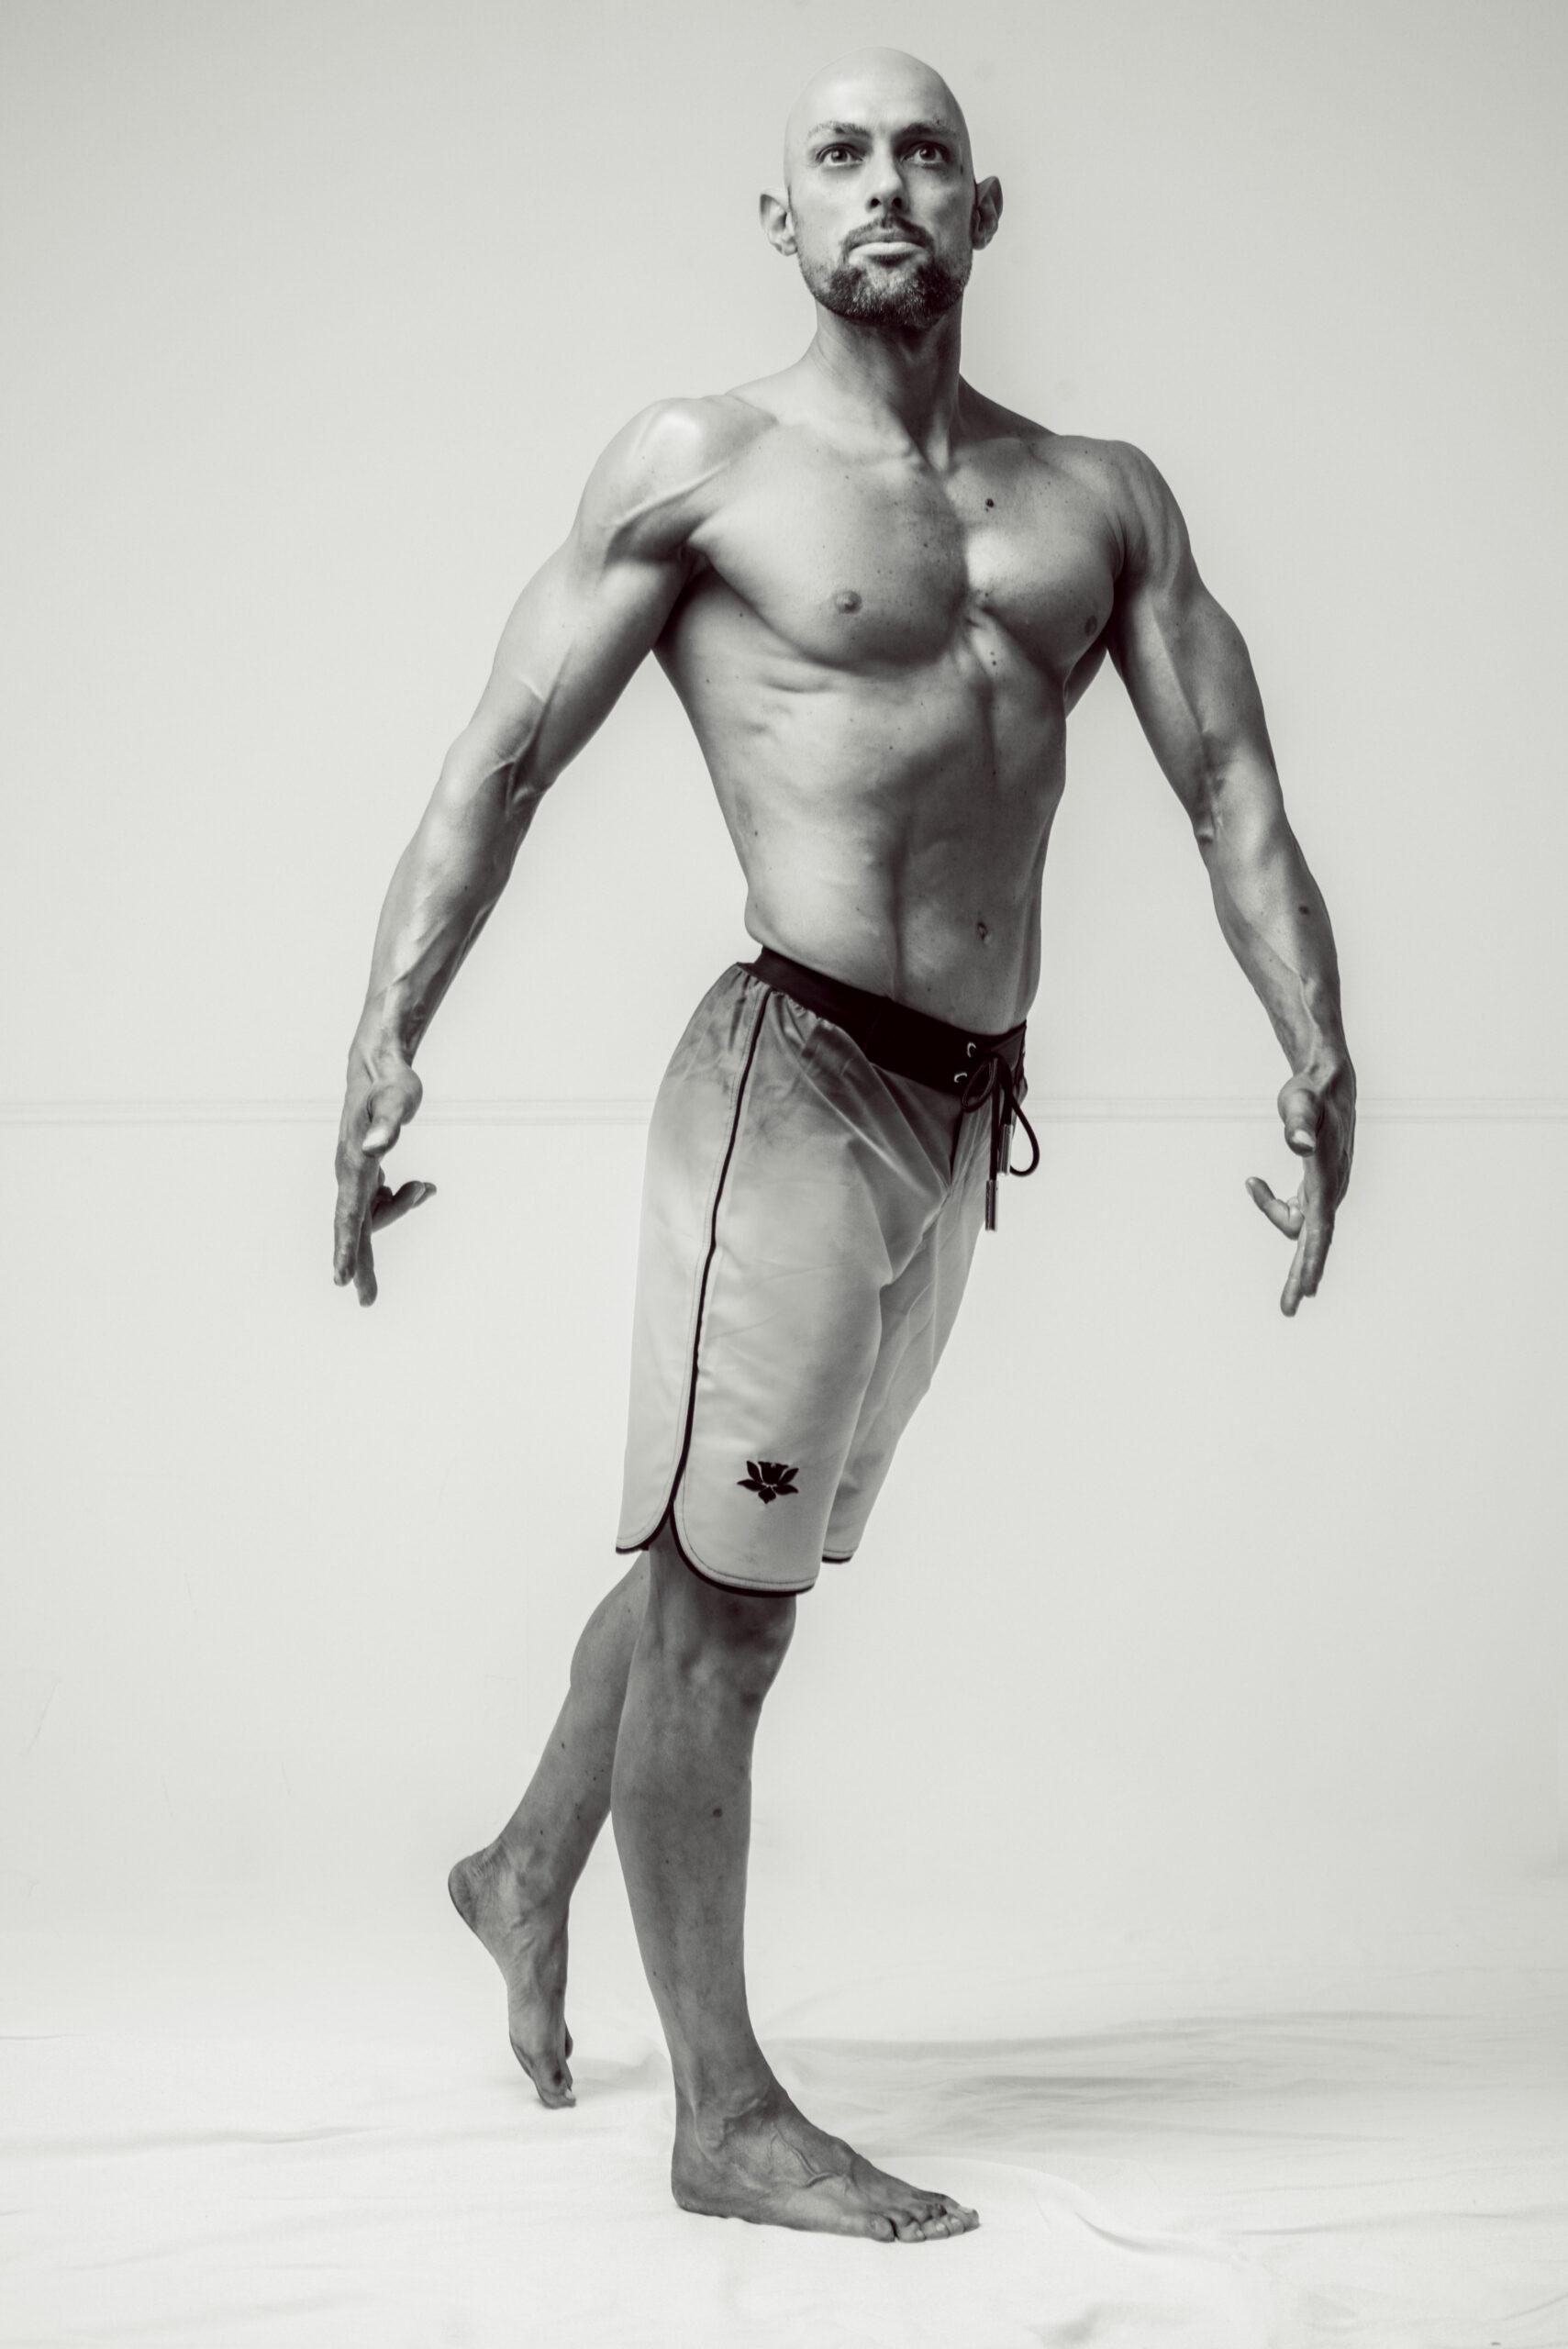 Man - Bodybuilder